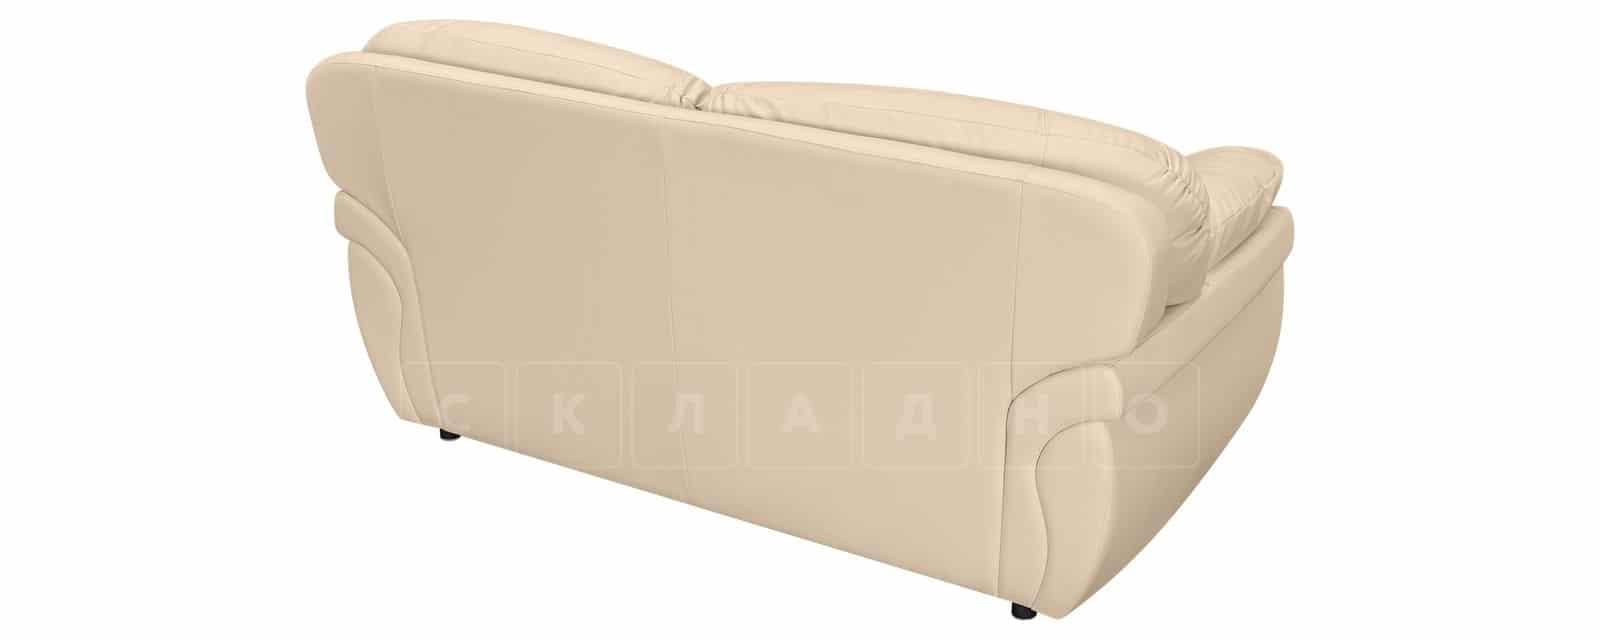 Диван Бристоль кожаный бежевого цвета фото 3 | интернет-магазин Складно